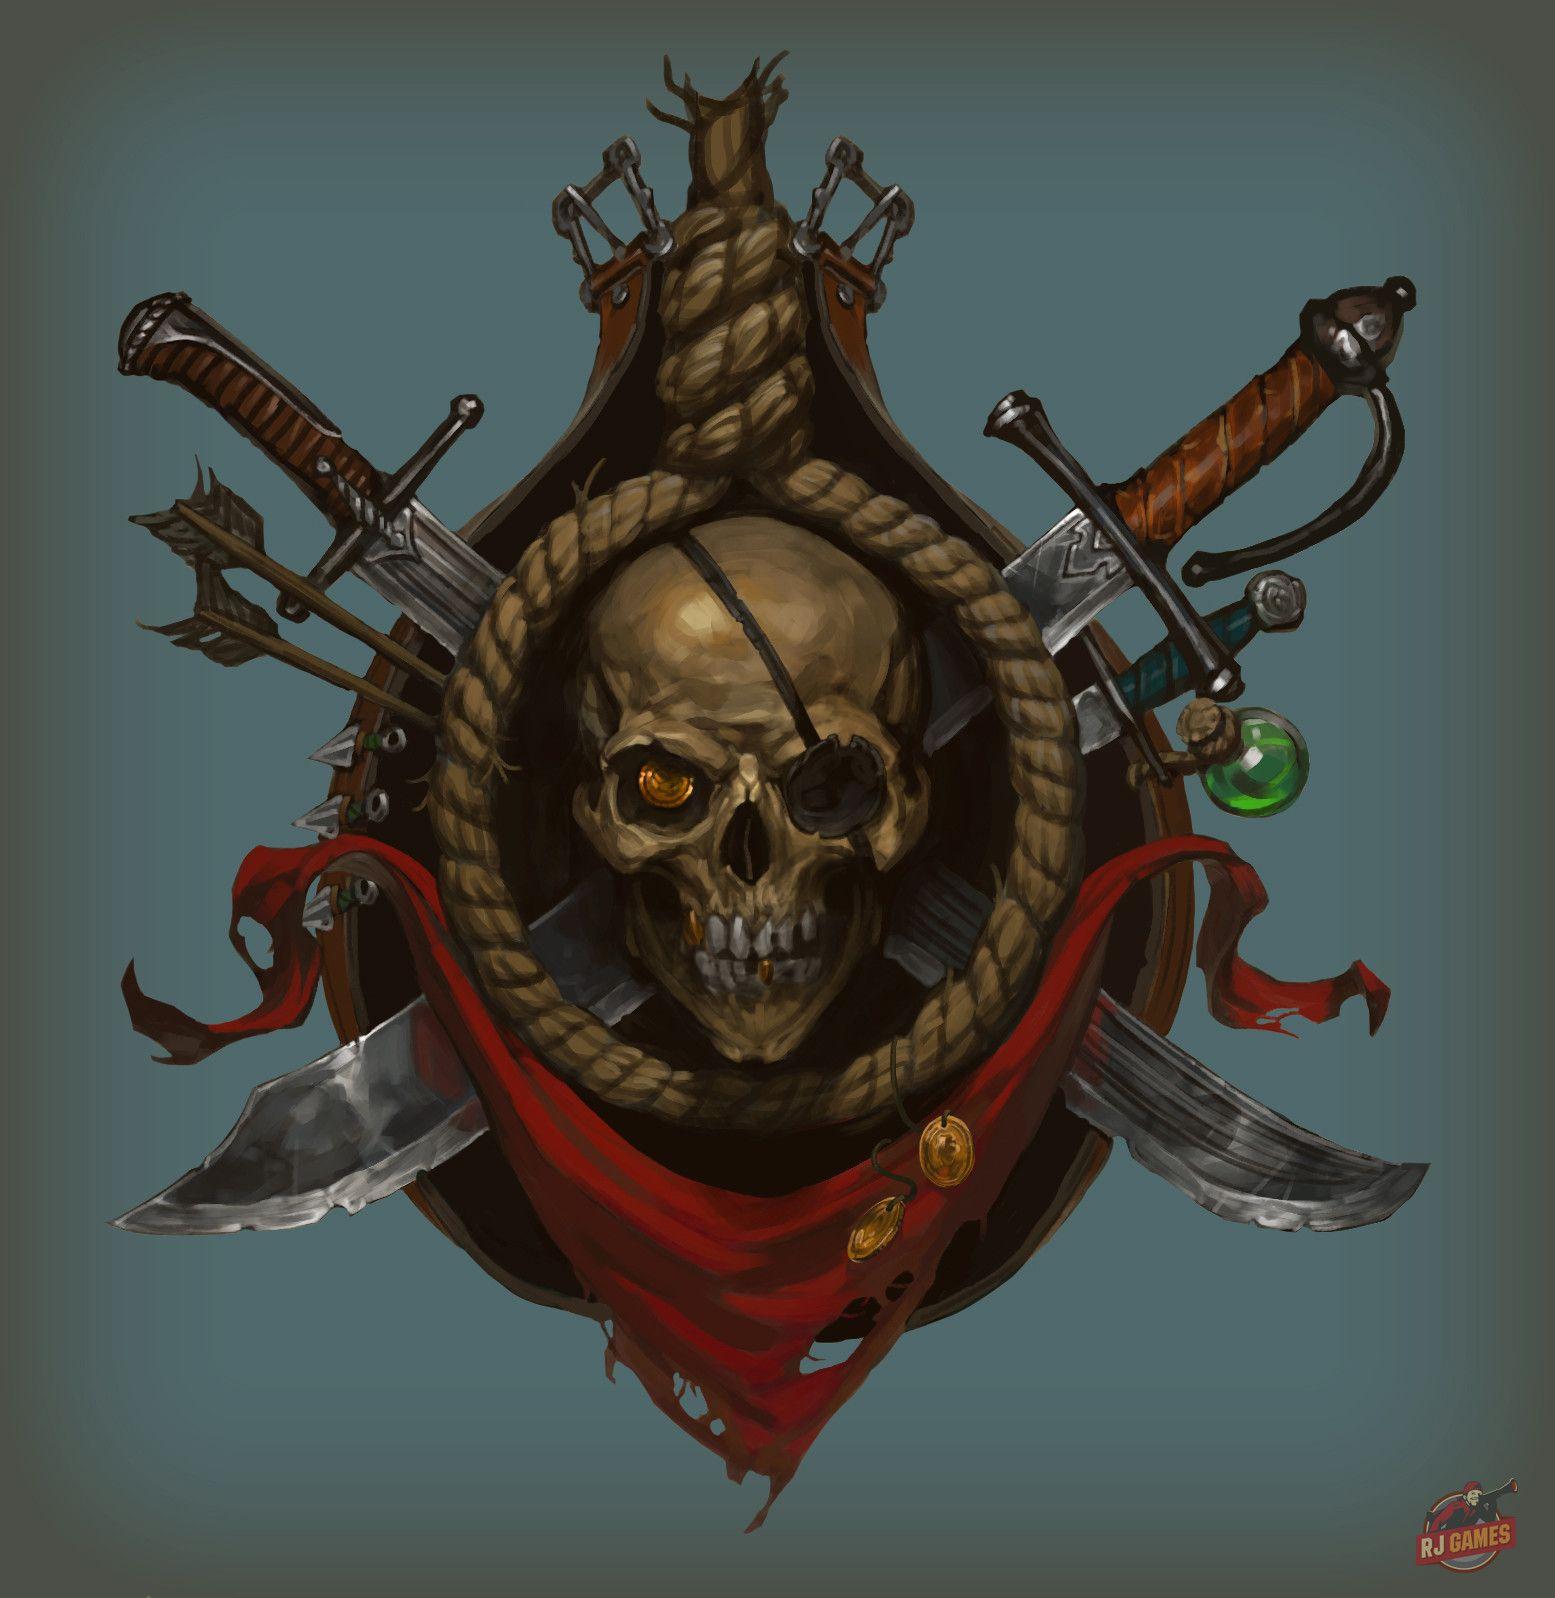 Rogue emblem, Alexander Bocharov on ArtStation at https://www.artstation.com/artwork/rogue-emblem